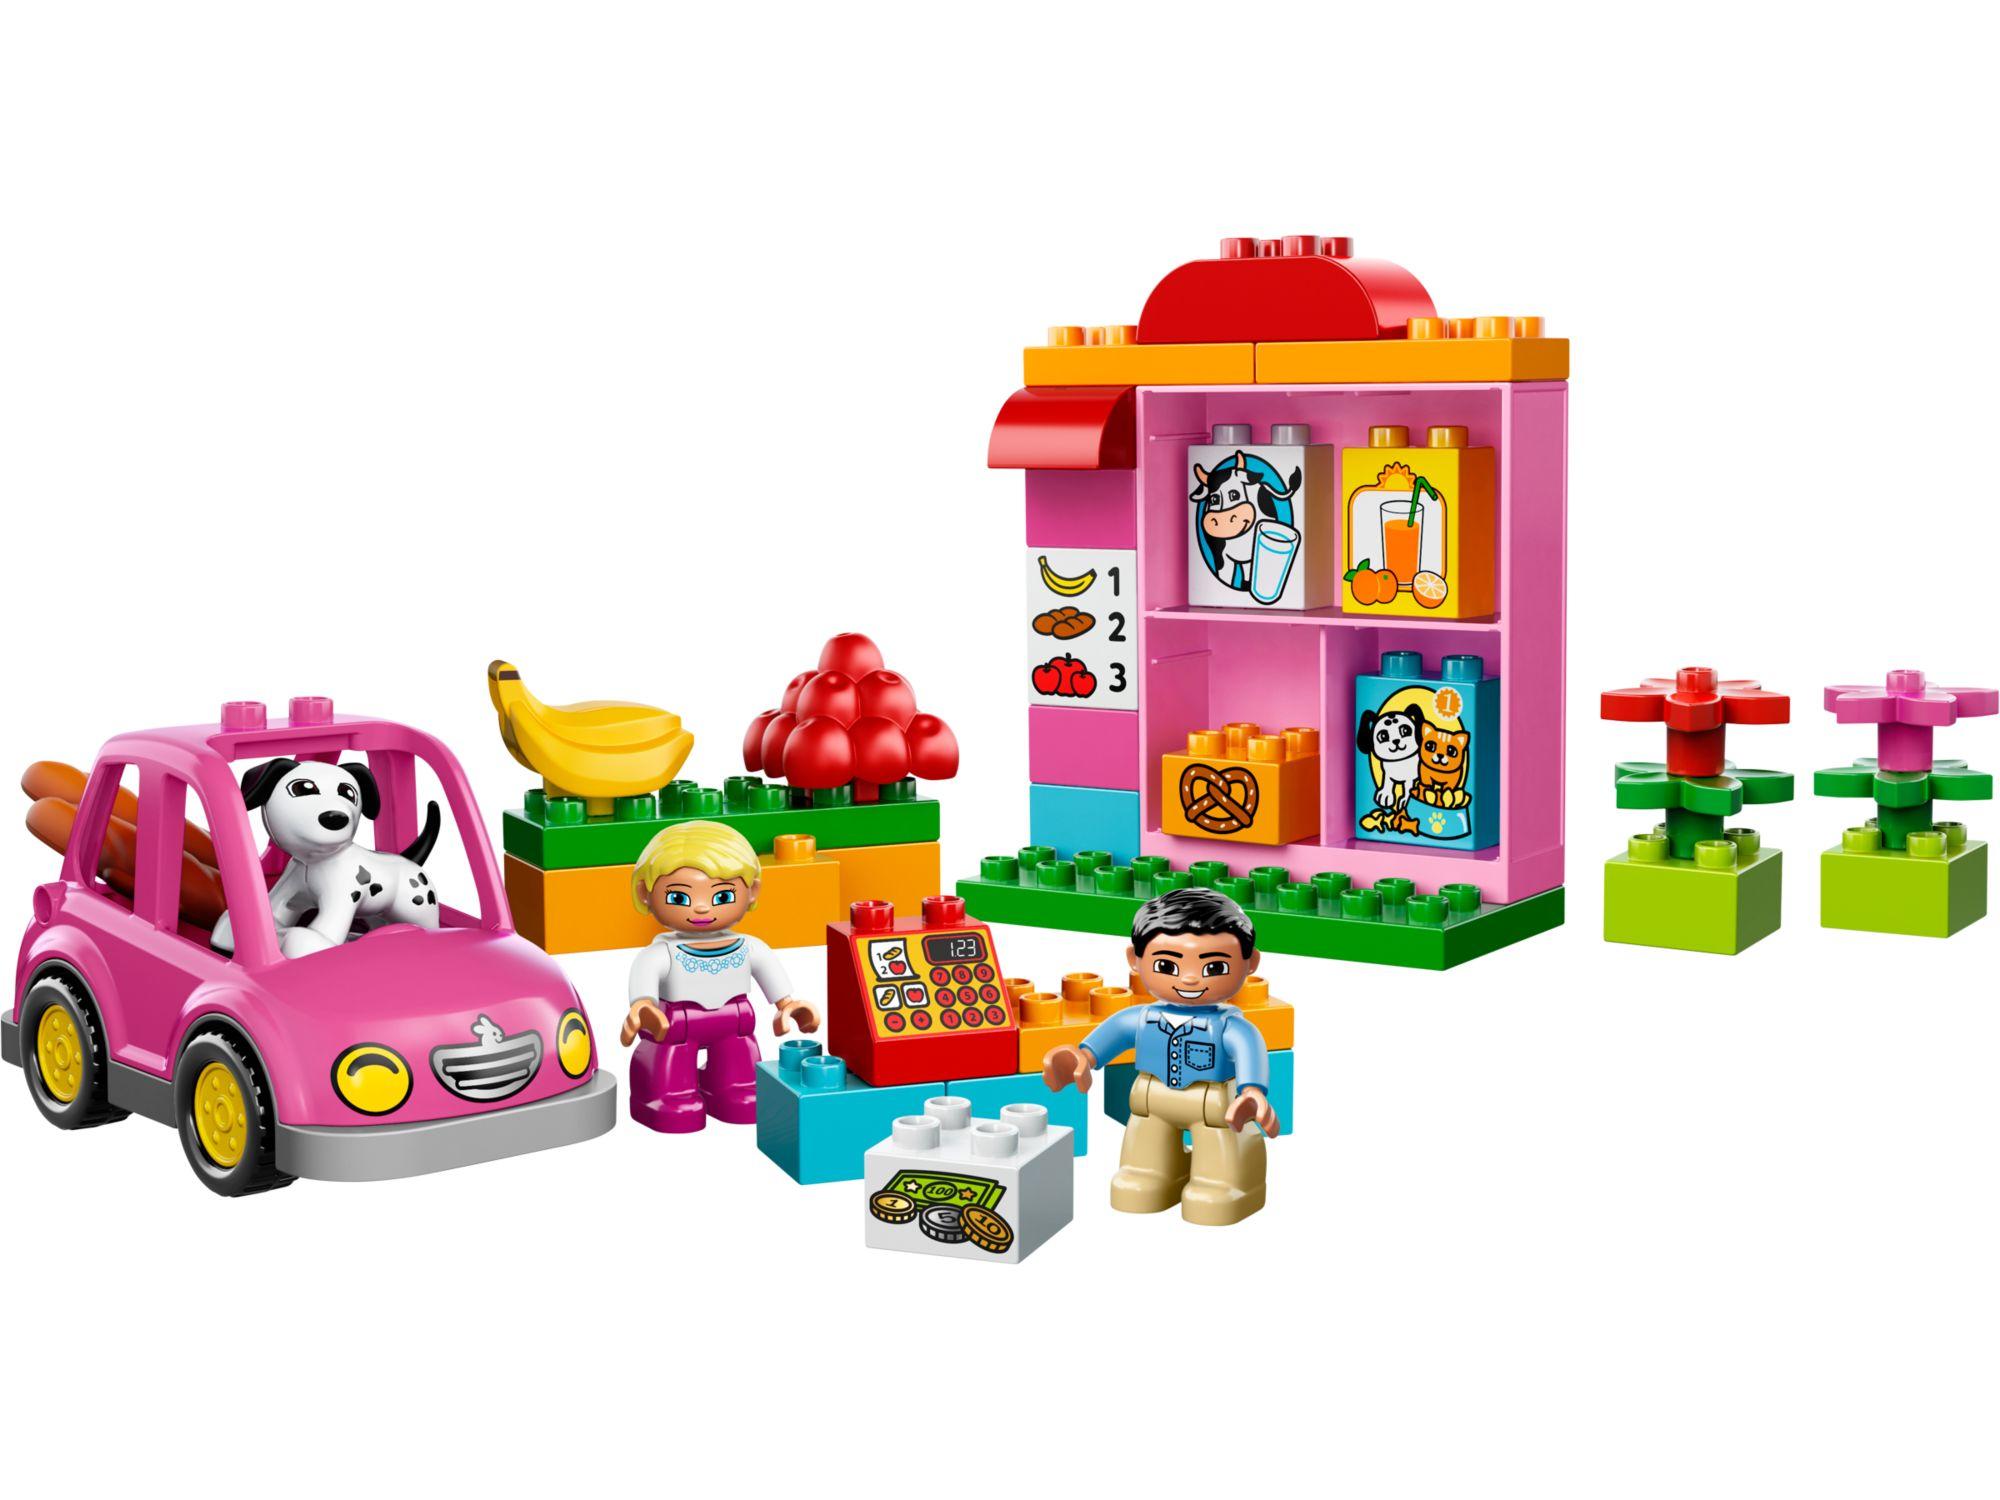 Lego 10546 lego duplo my first shop toymania lego for Lago shop online